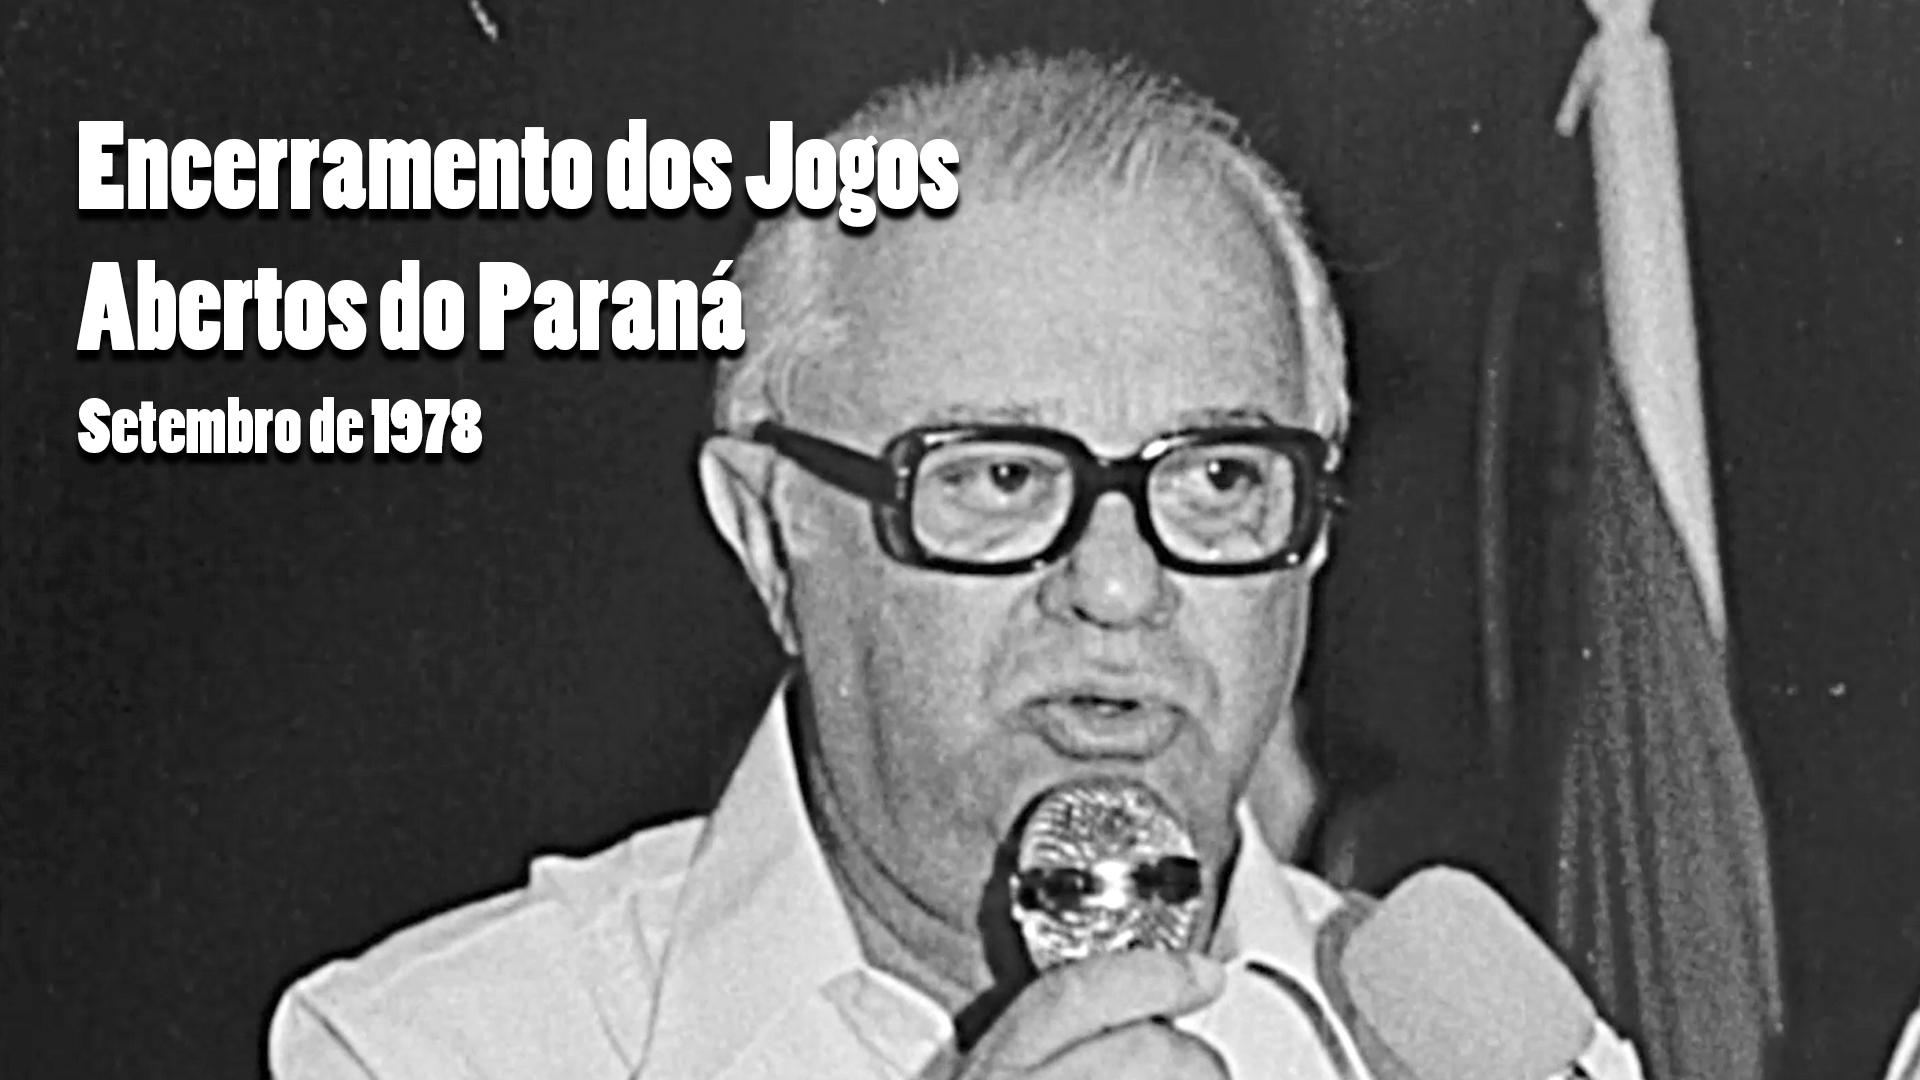 RARIDADE - JP fala no encerramento dos JAPs em 1978